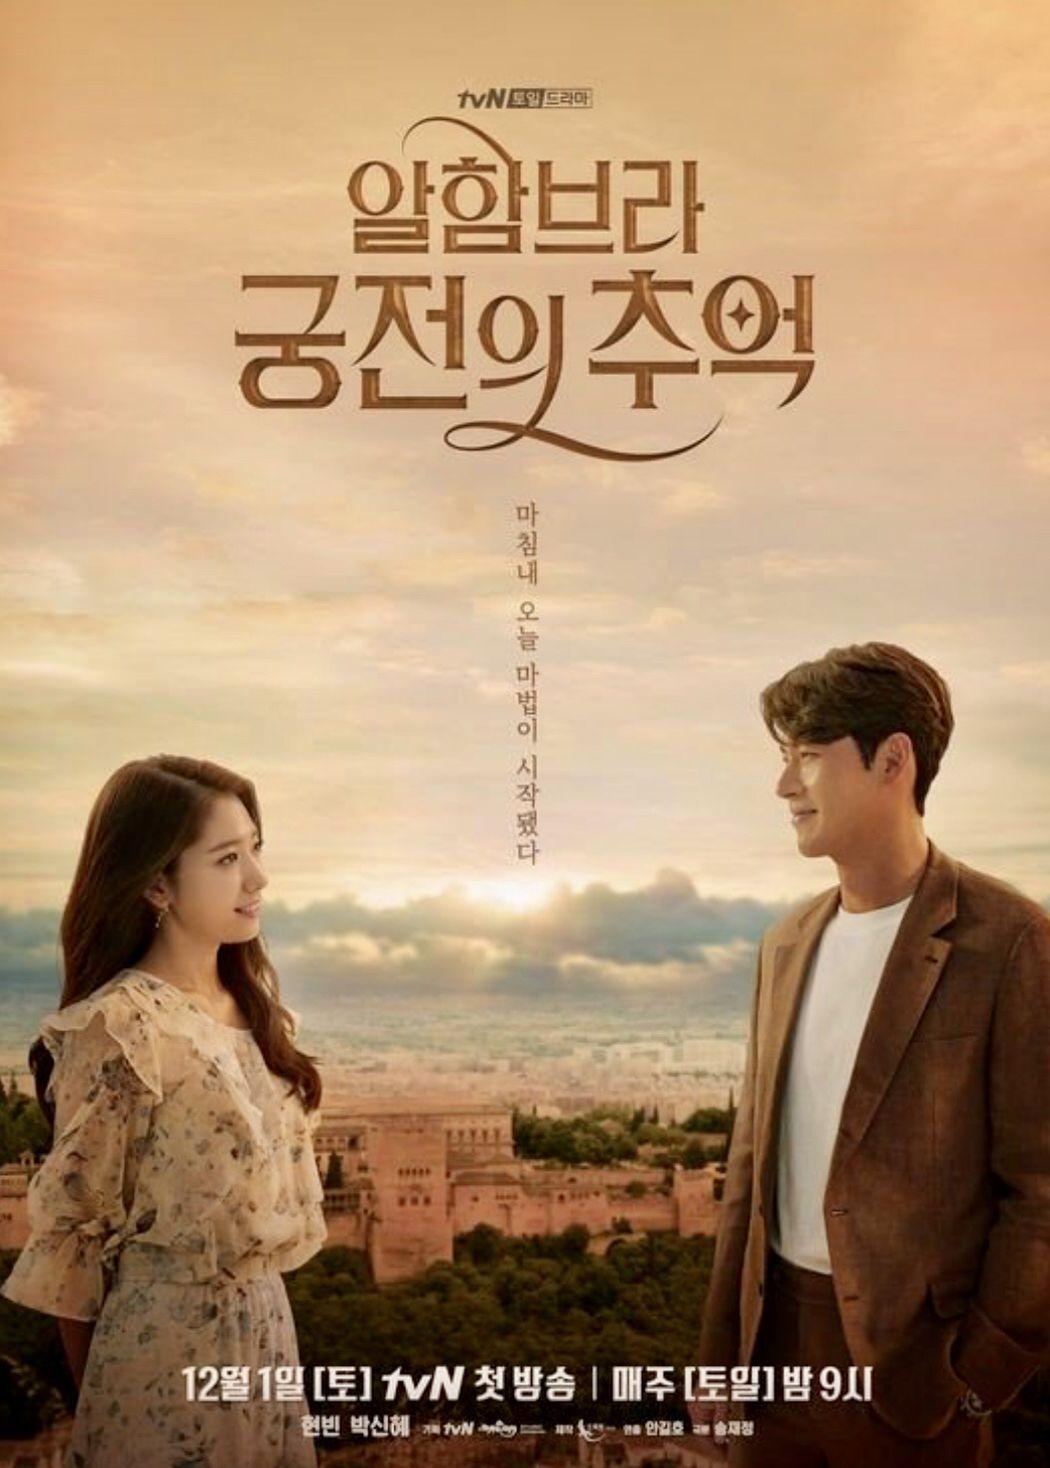 Pin De Rhayanesantana Em Doramas Drama Coreano Park Shin E Dramas